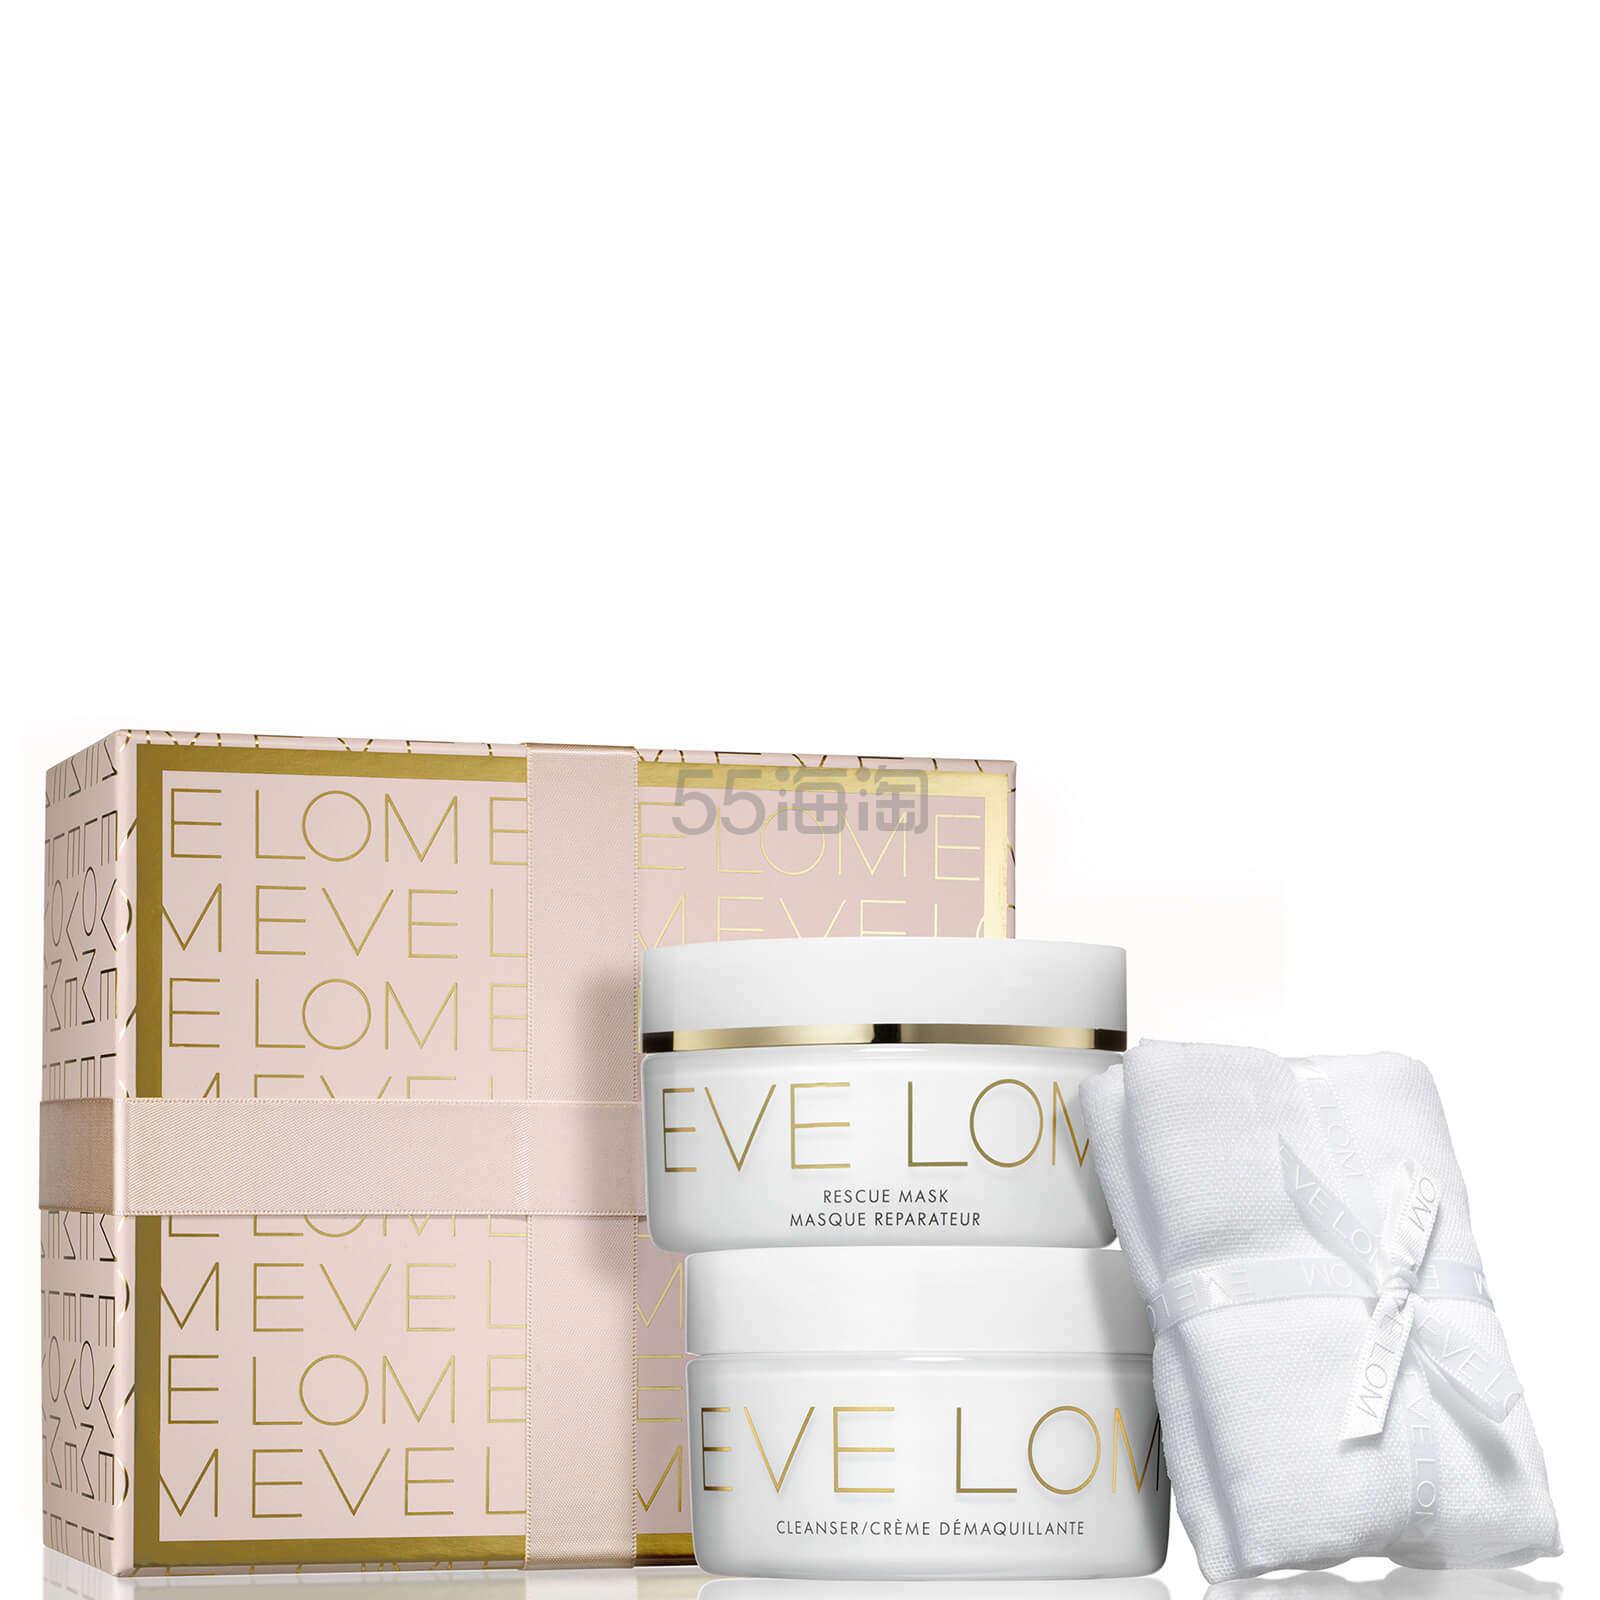 1套免费直邮!EVE LOM 卸妆膏100ml+急救面膜100ml+洁面巾 圣诞套装 ¥503.5 - 海淘优惠海淘折扣|55海淘网